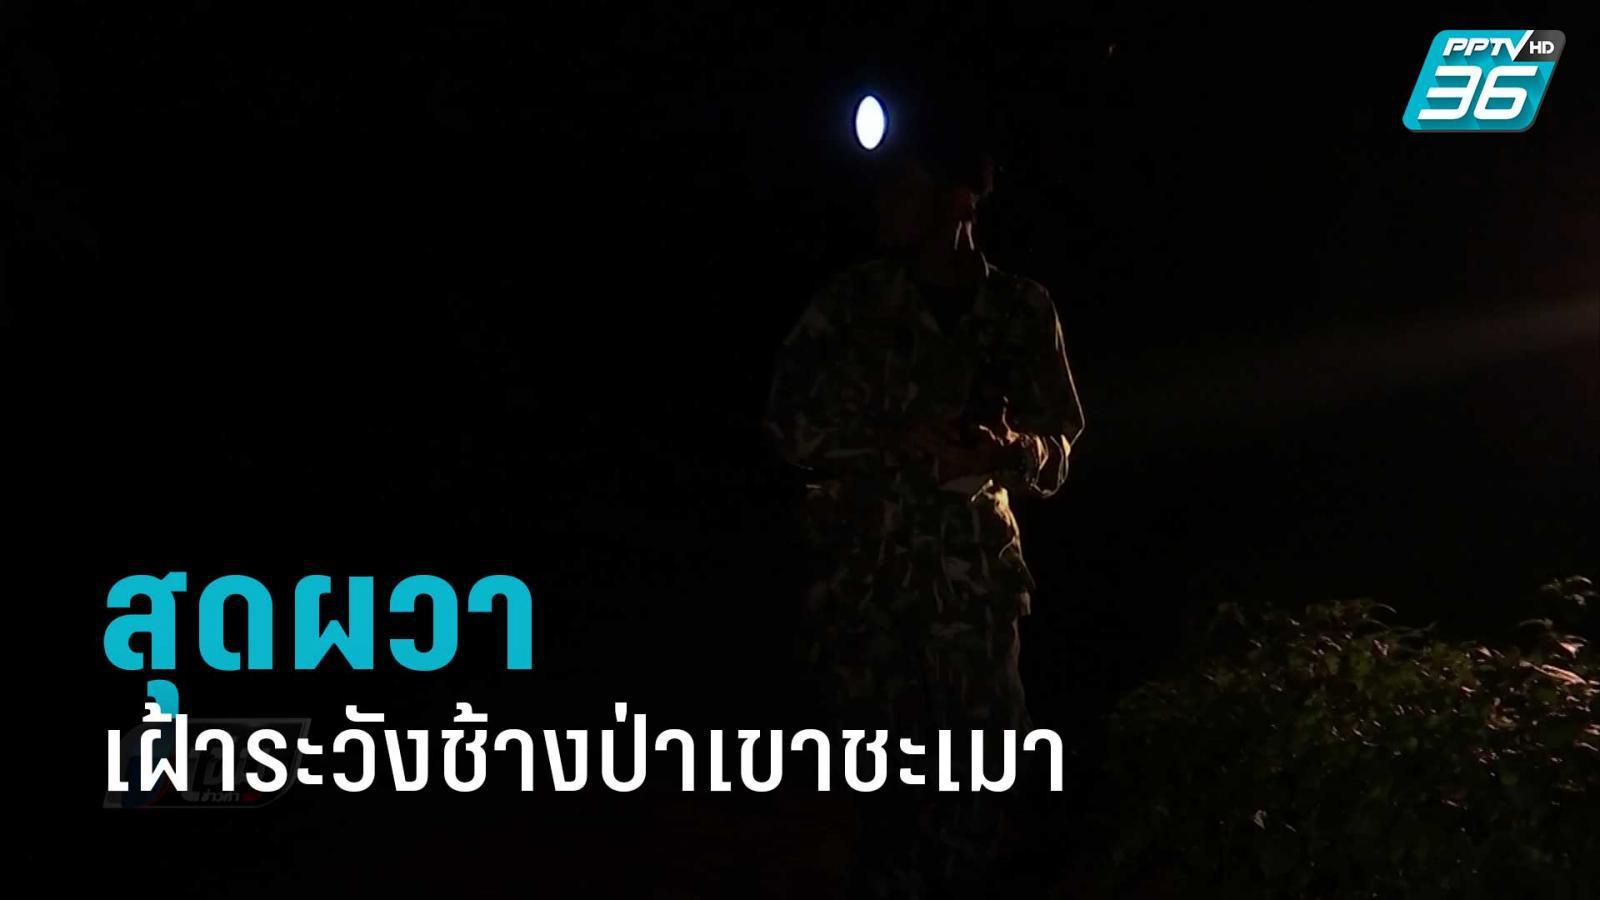 ชาวบ้านผวา จัดชุดเฝ้าระวังช้างป่าเขาชะเมา หลังถูกทำร้ายดับ 2 ศพ